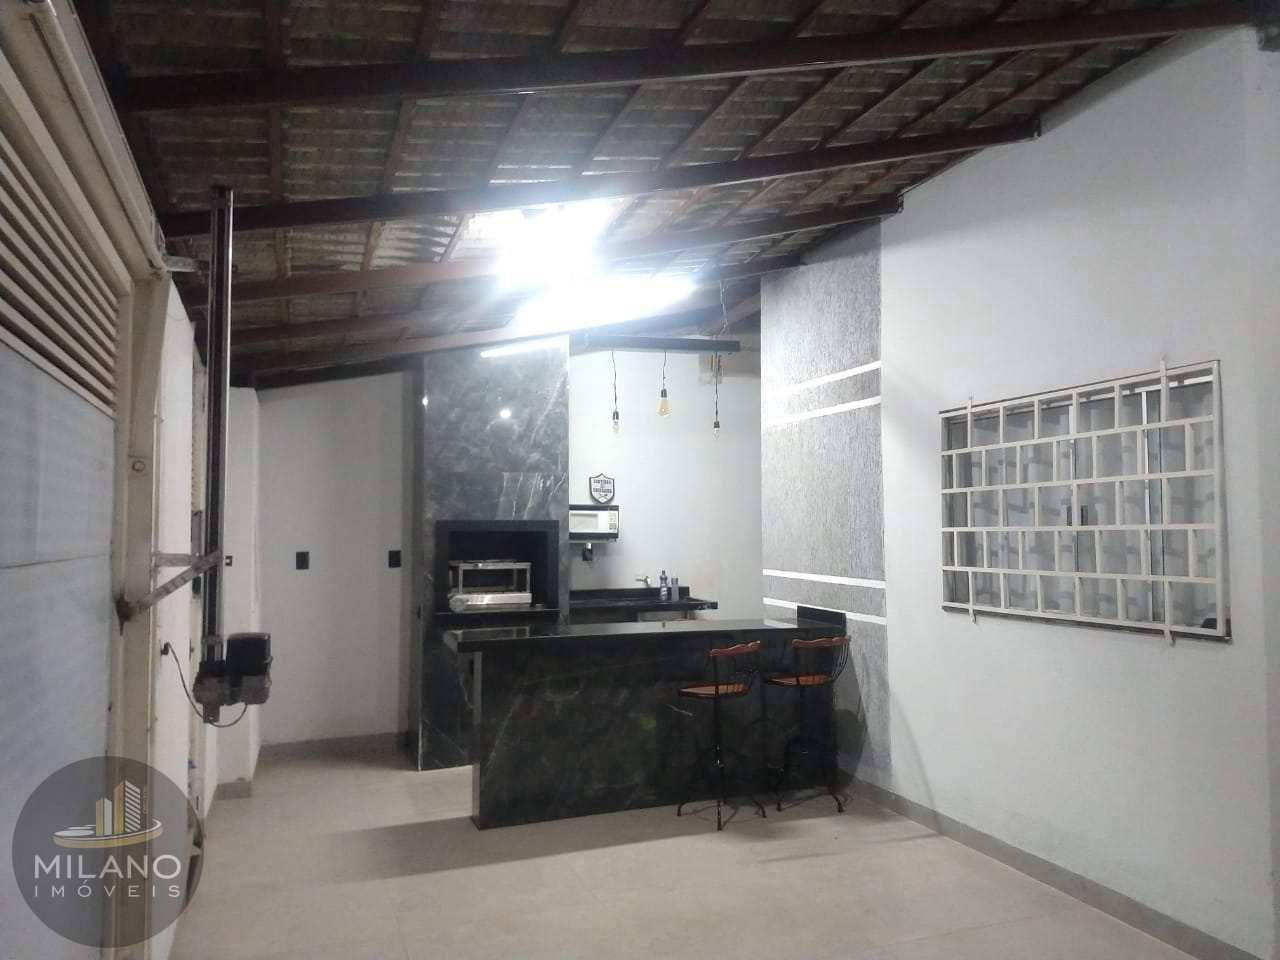 Casa a venda em Três Lagoas-MS, no bairro Setsul, 2 dormitórios